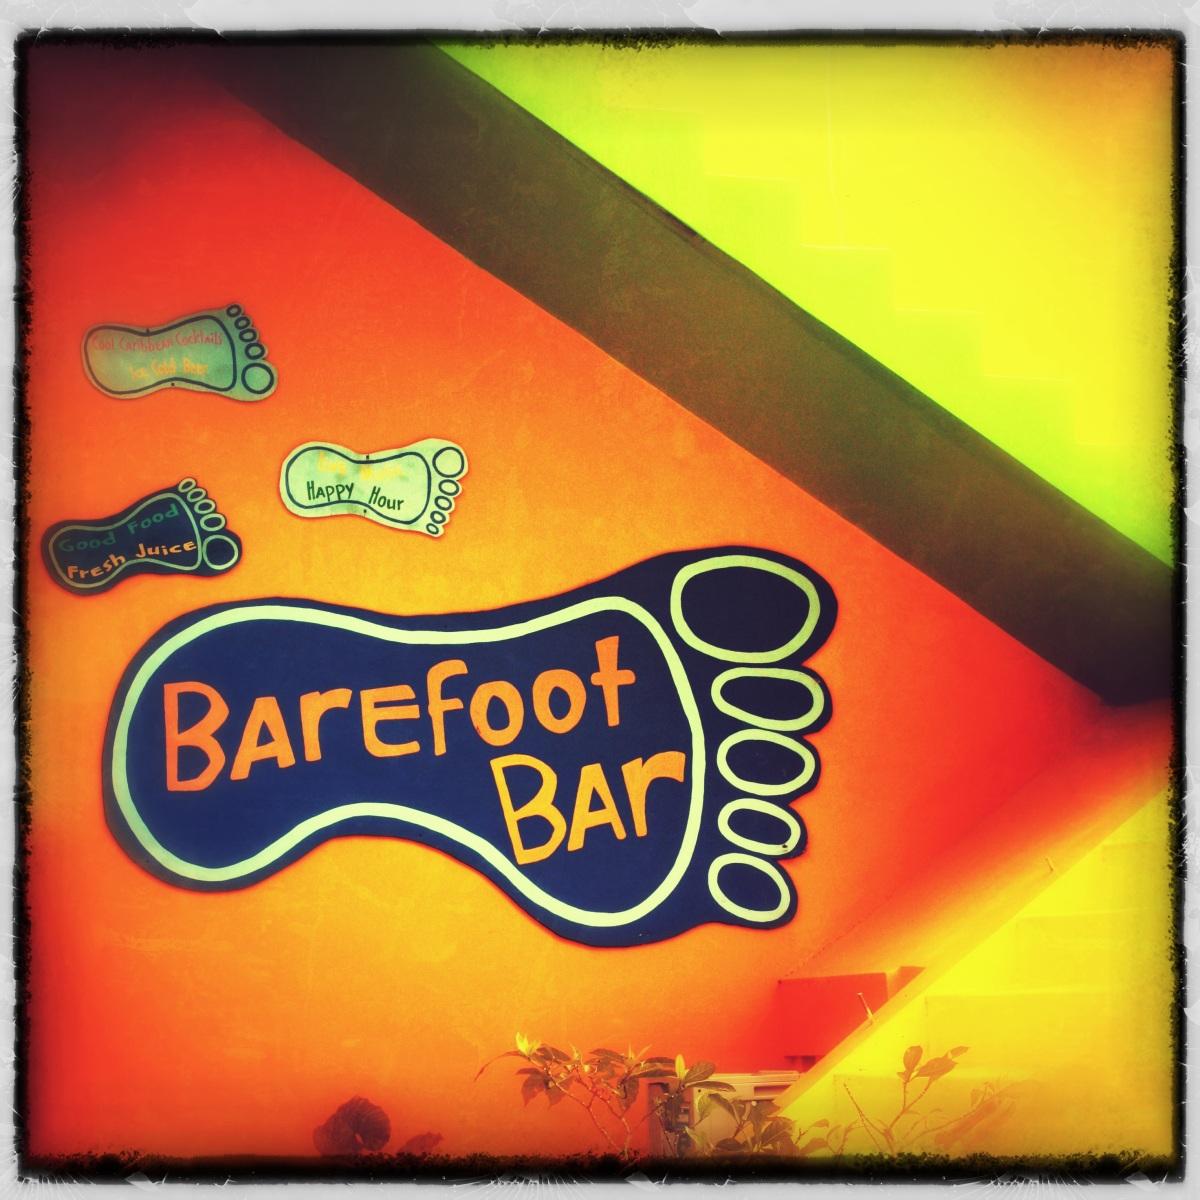 Barefoot bar